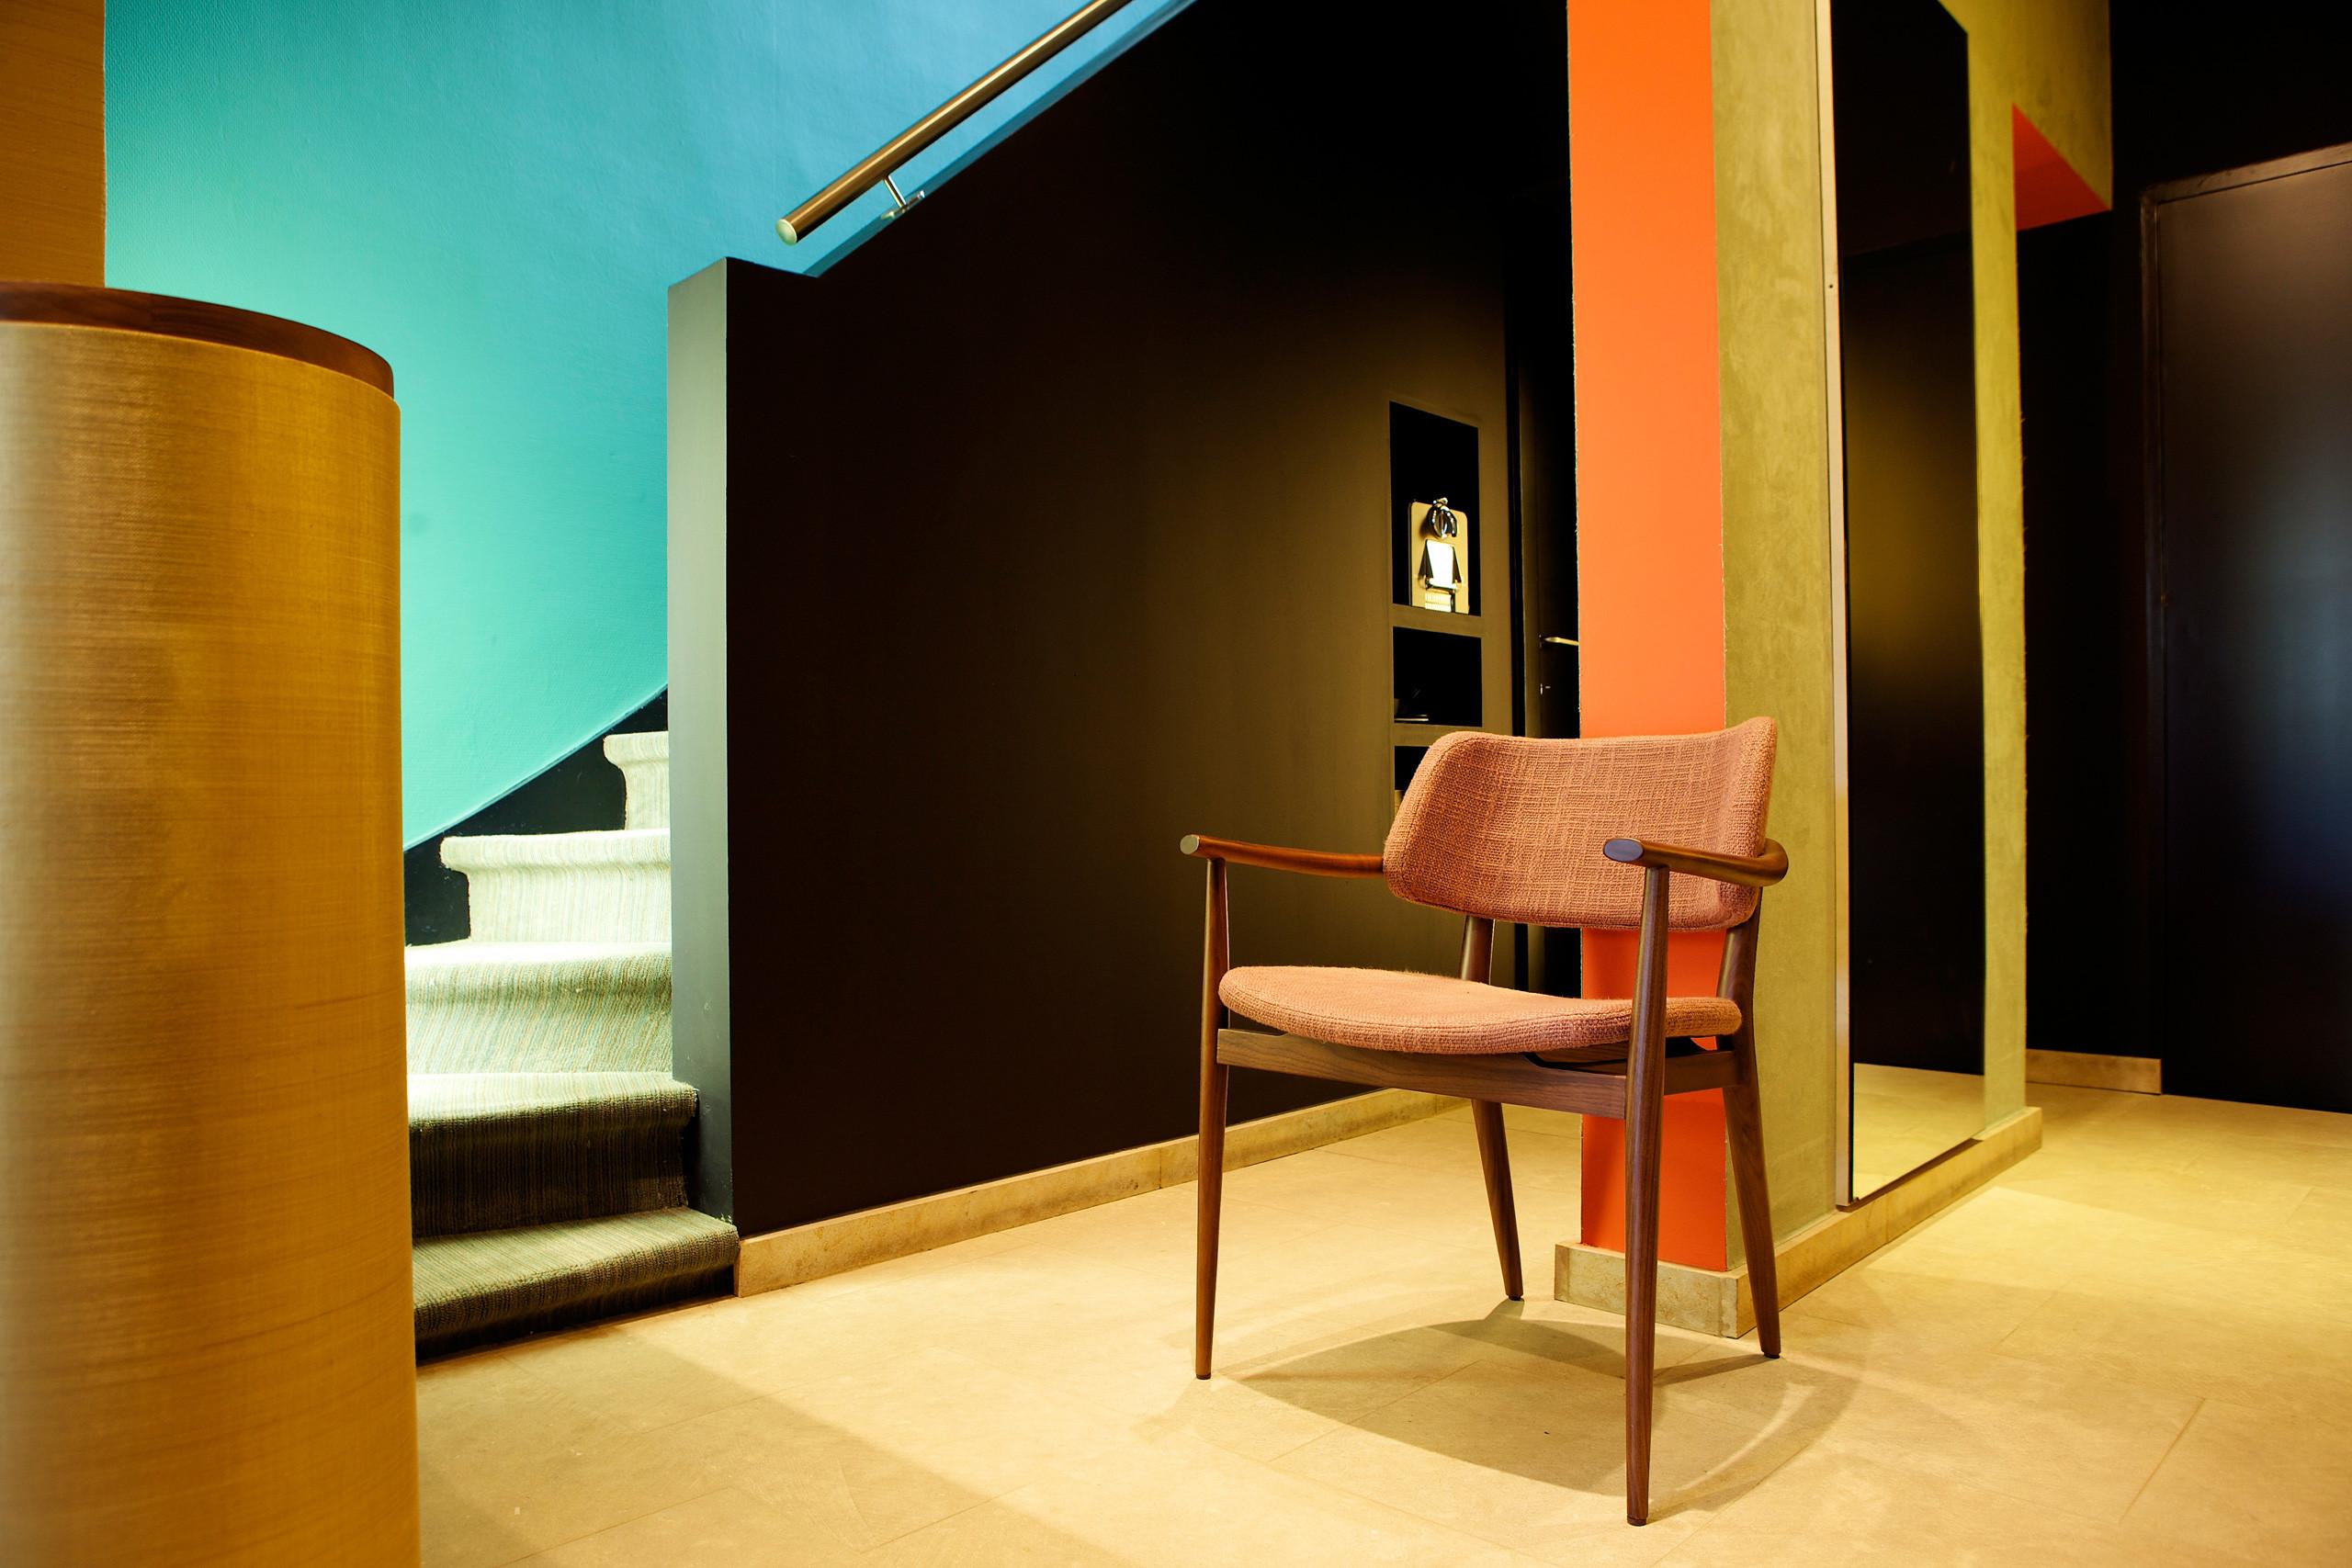 Stefan Van Borm - 50's interieur